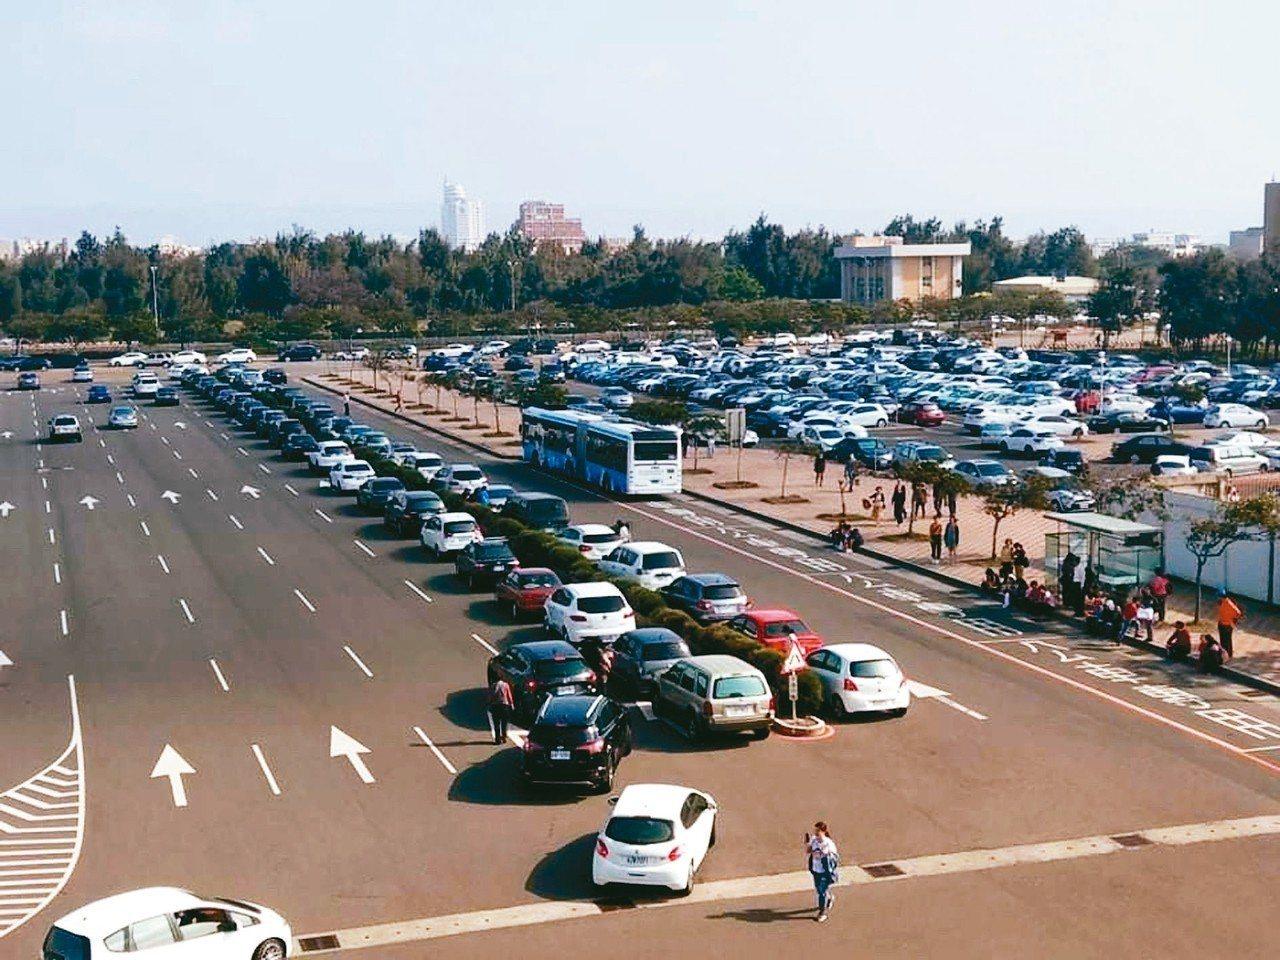 台中港旅客服務中心前停車場,春節出現停車亂象,轎車排排站,停在公車道旁安全島。 ...